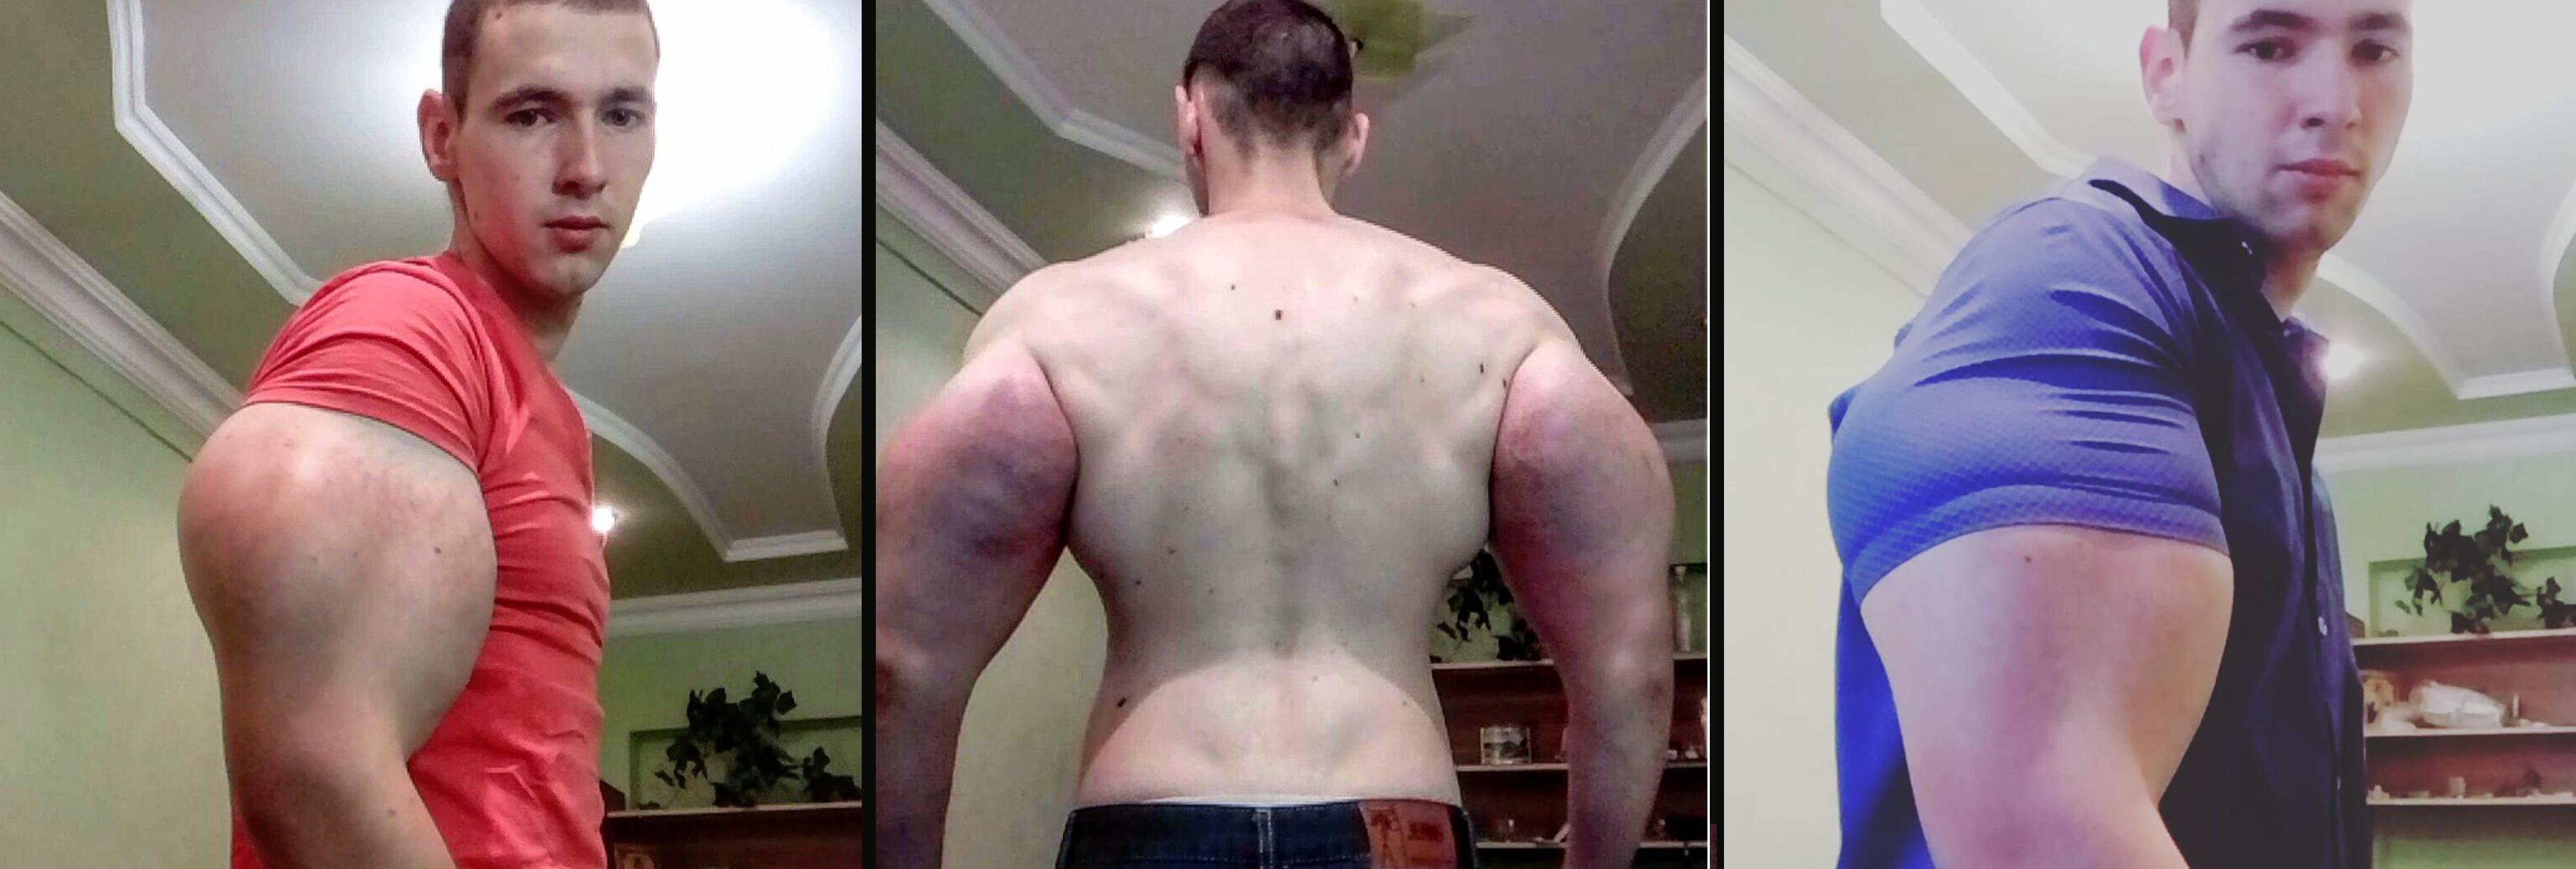 Un fisioculturista ruso se inyecta litros de aceite en los brazos para ser como Popeye